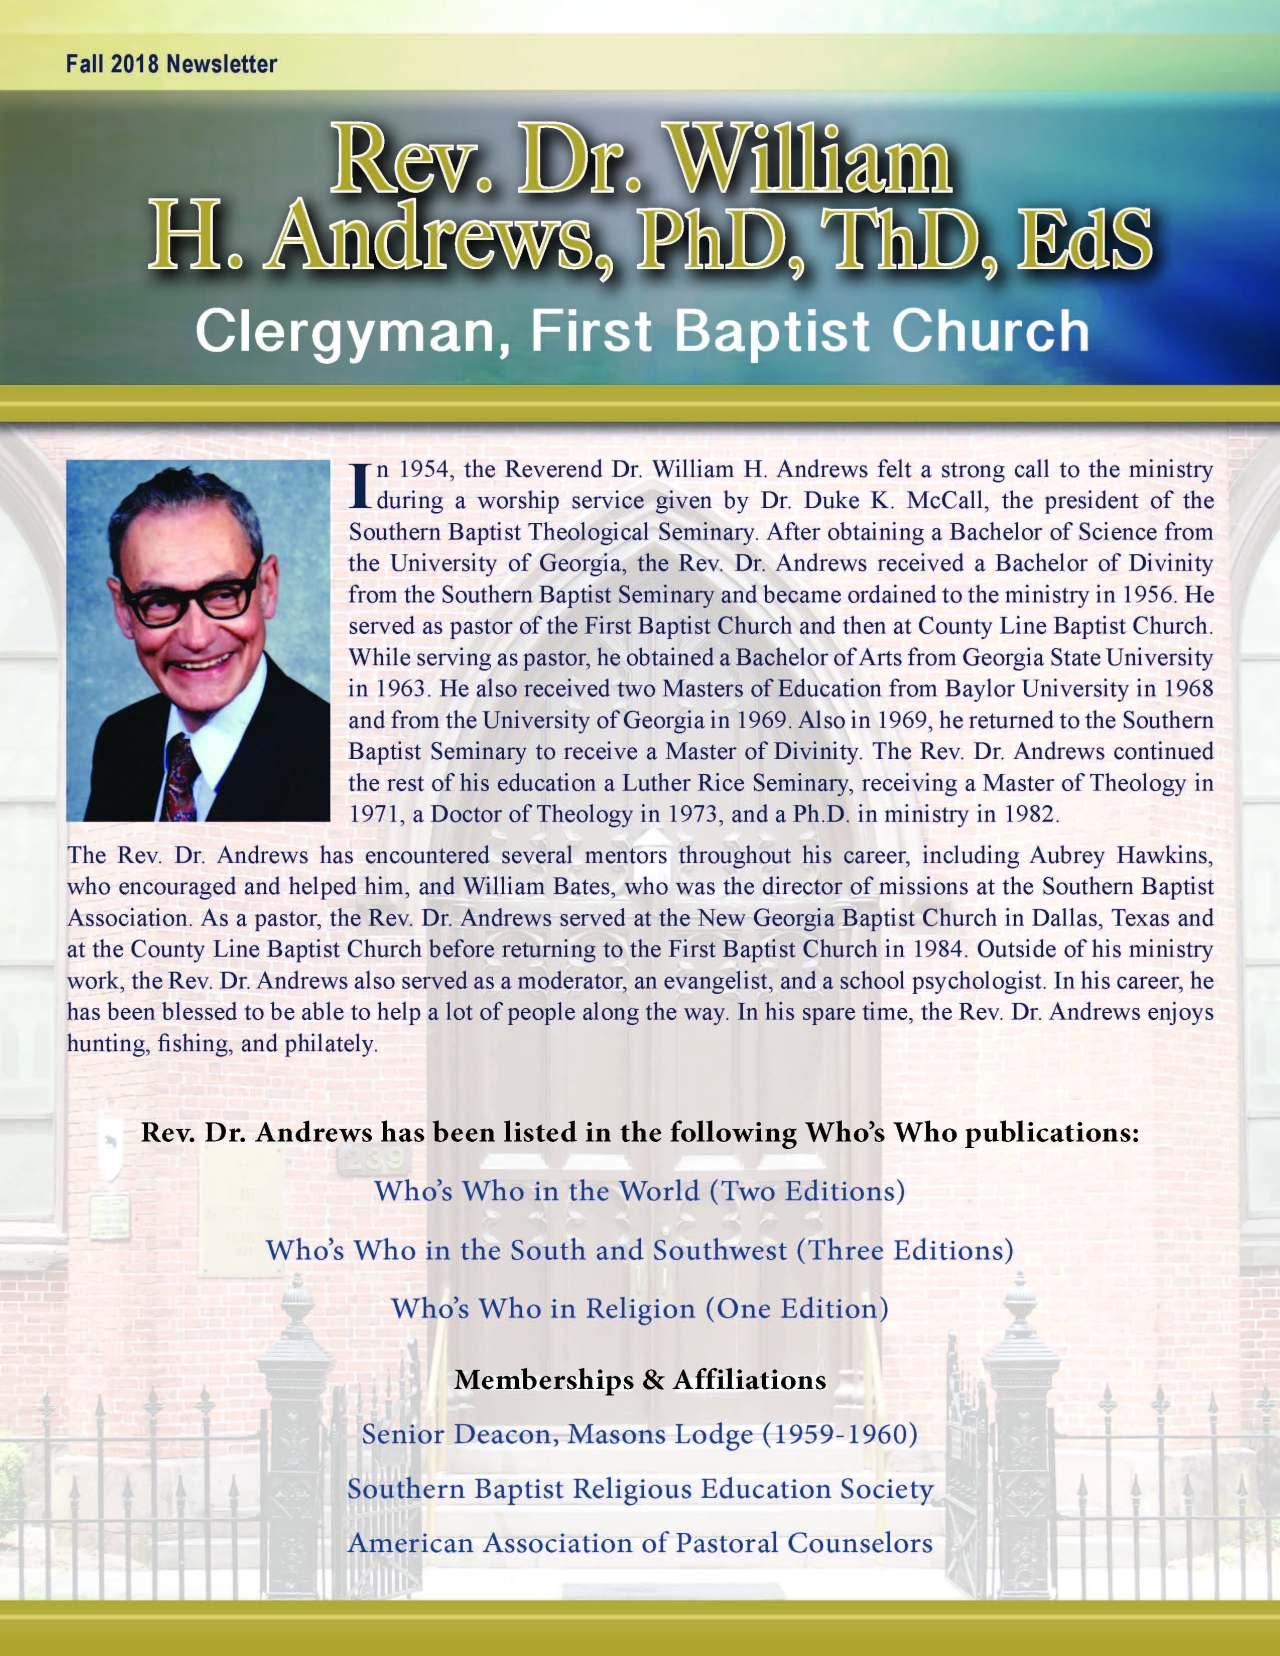 William H. Andrews